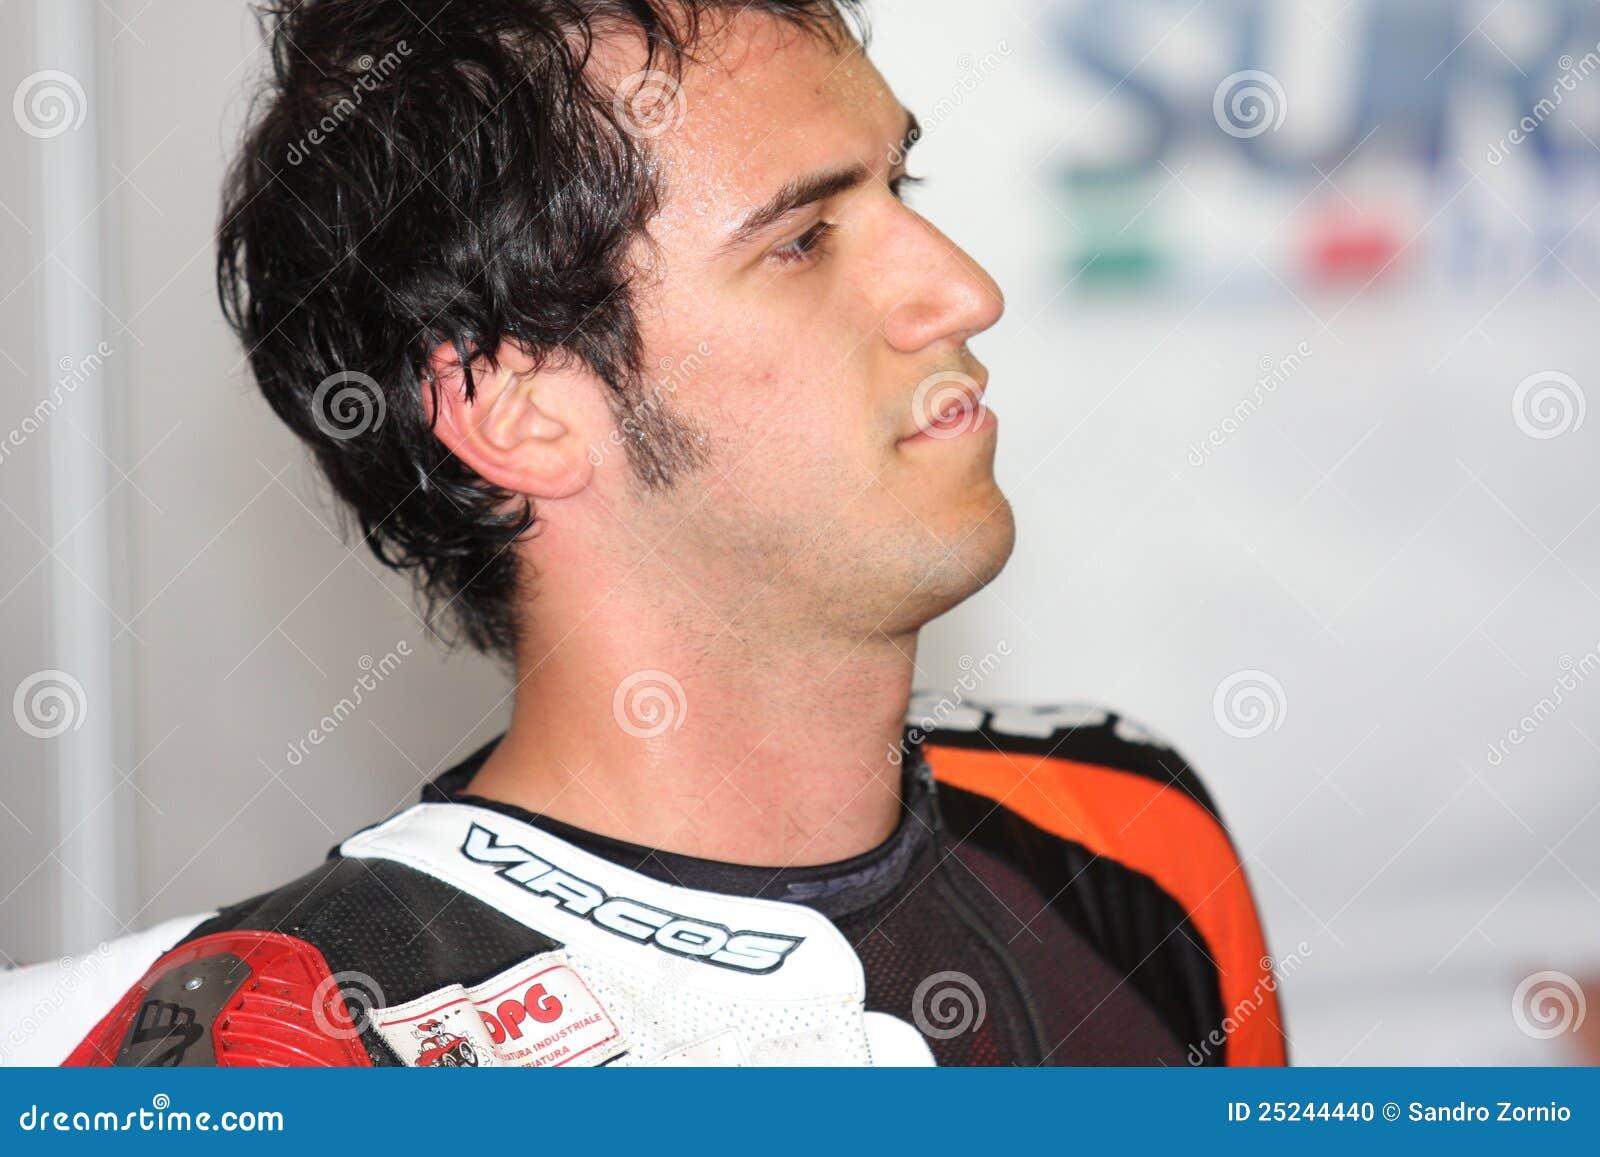 Potenza Suriano di Daytona 675 di trionfo del Alex Baldolini